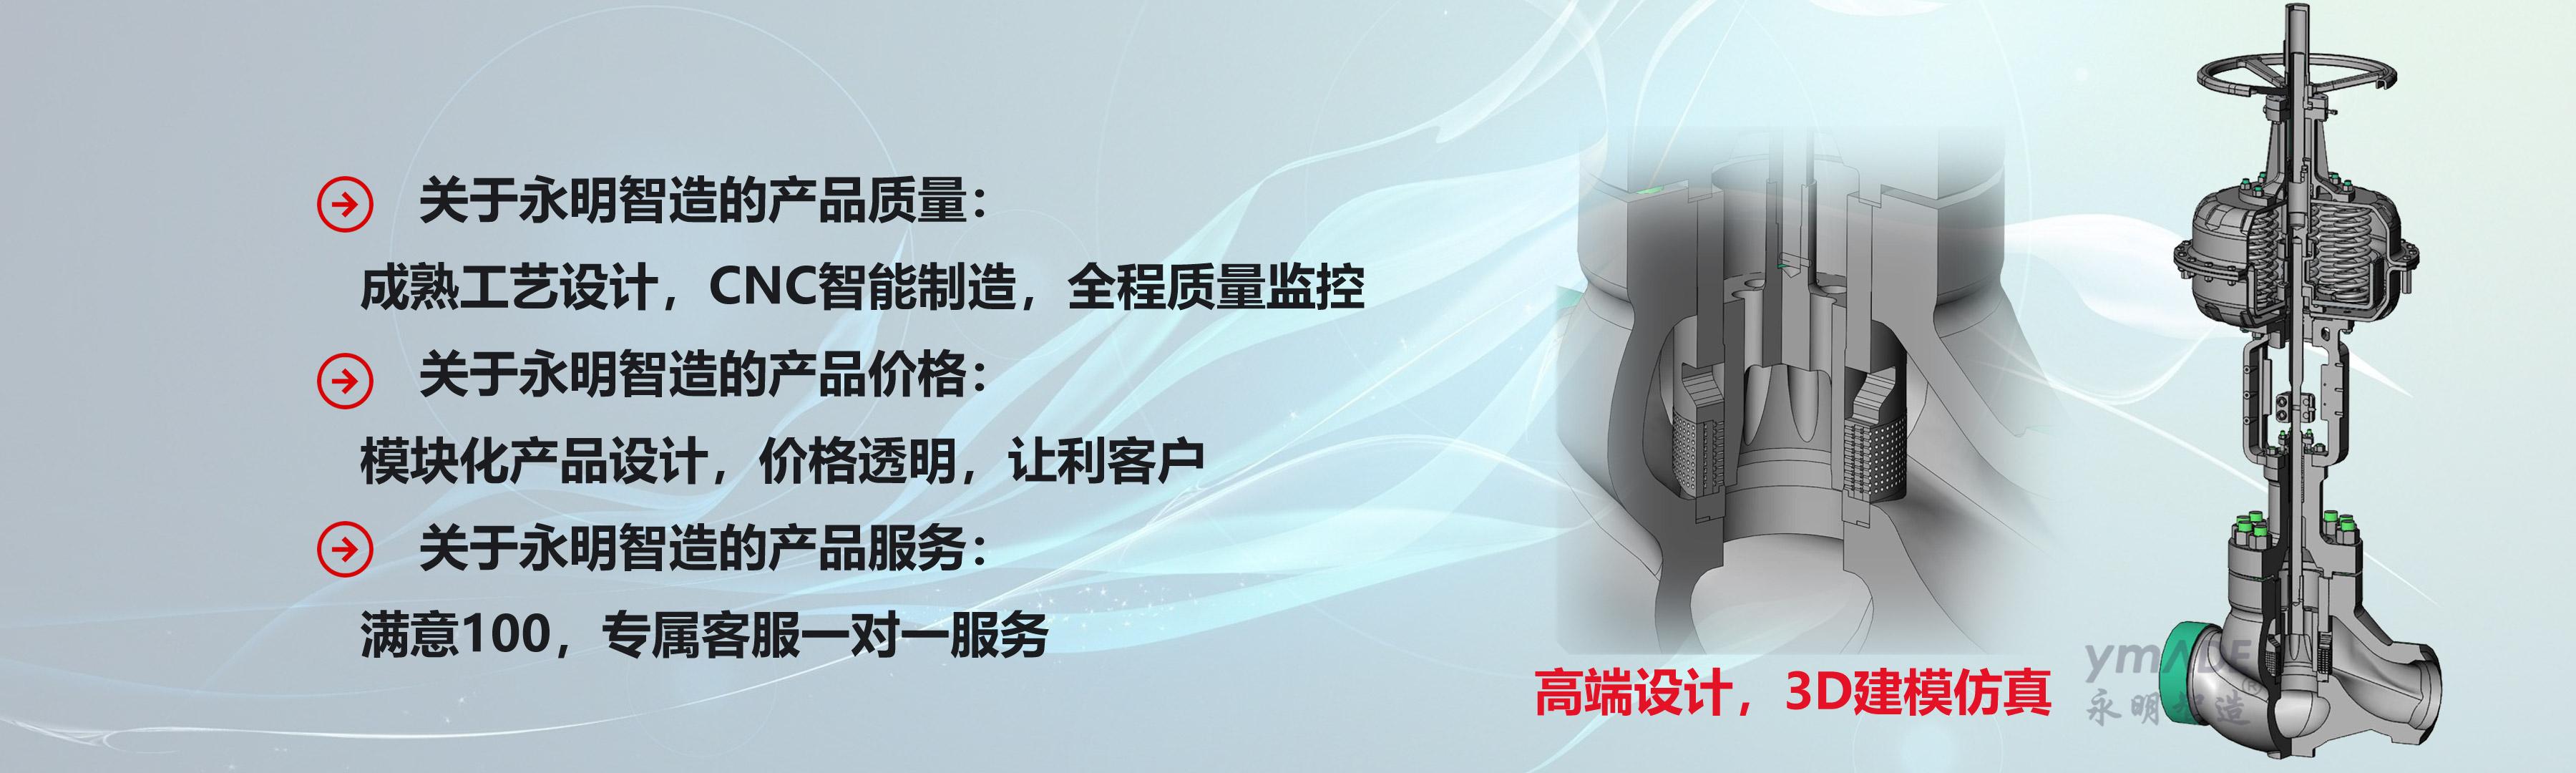 高端工业设计,调节阀3D建模仿真